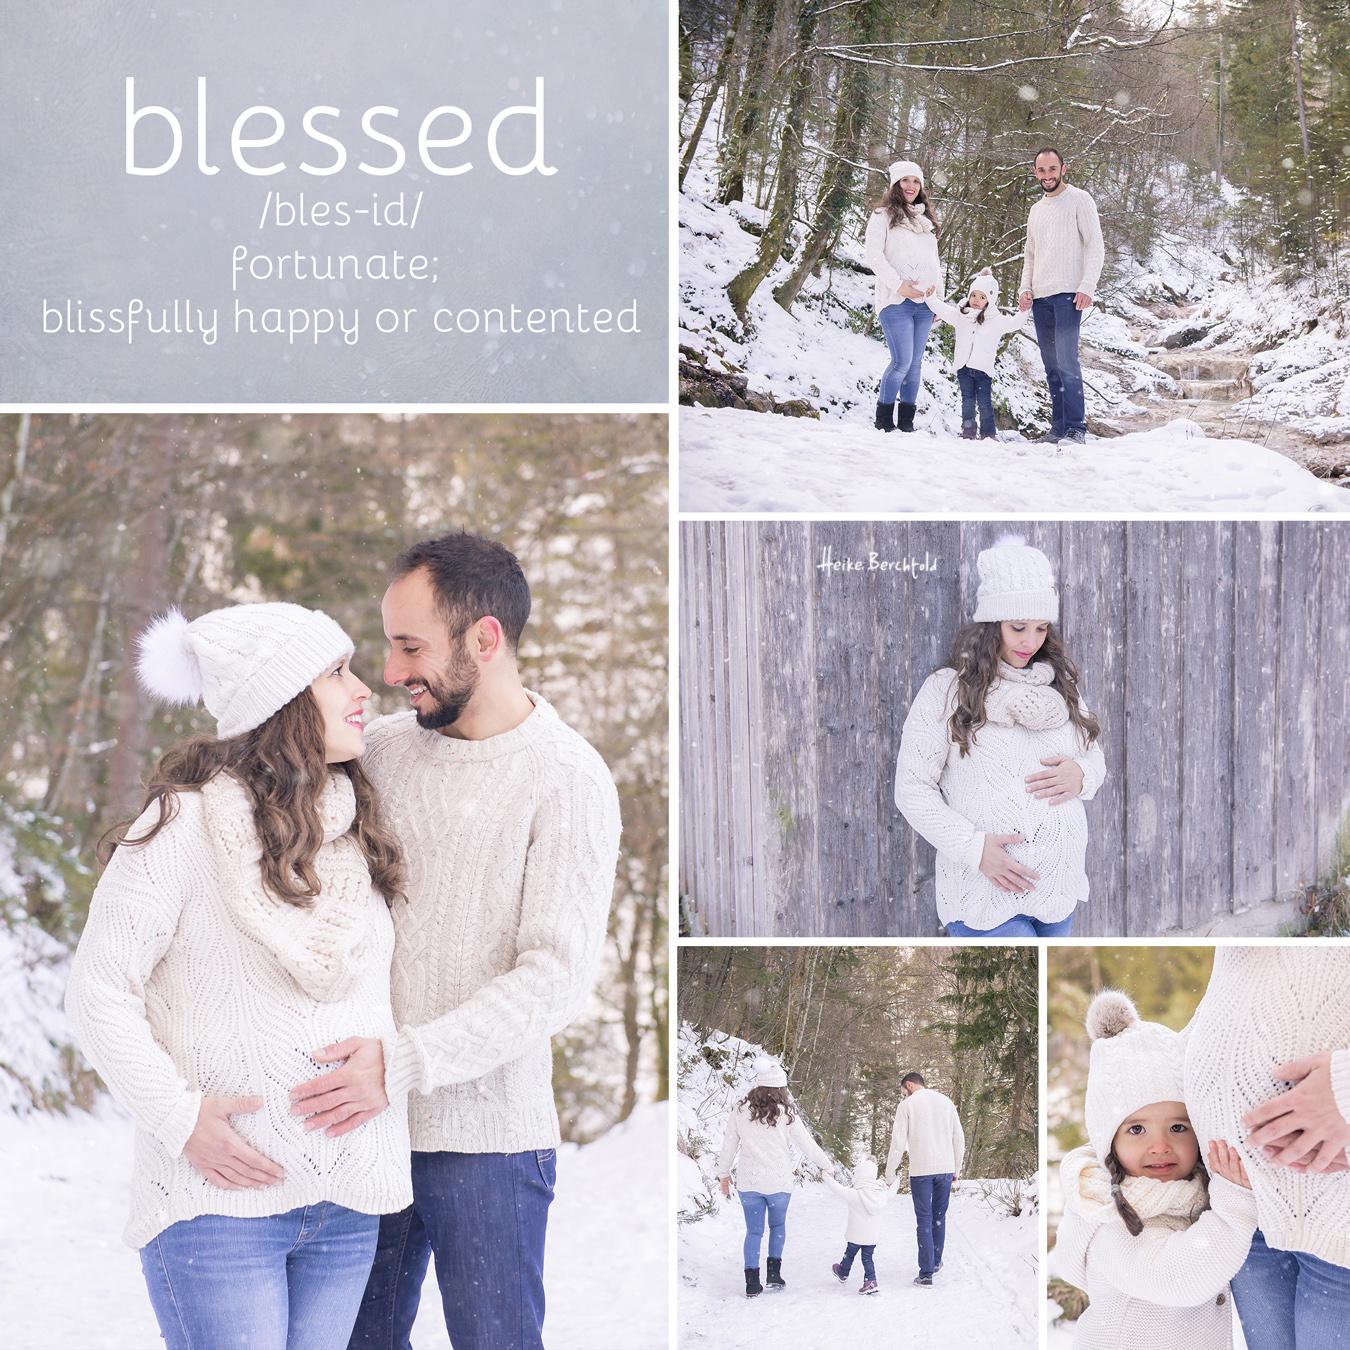 Familie & Babybauch im Winter